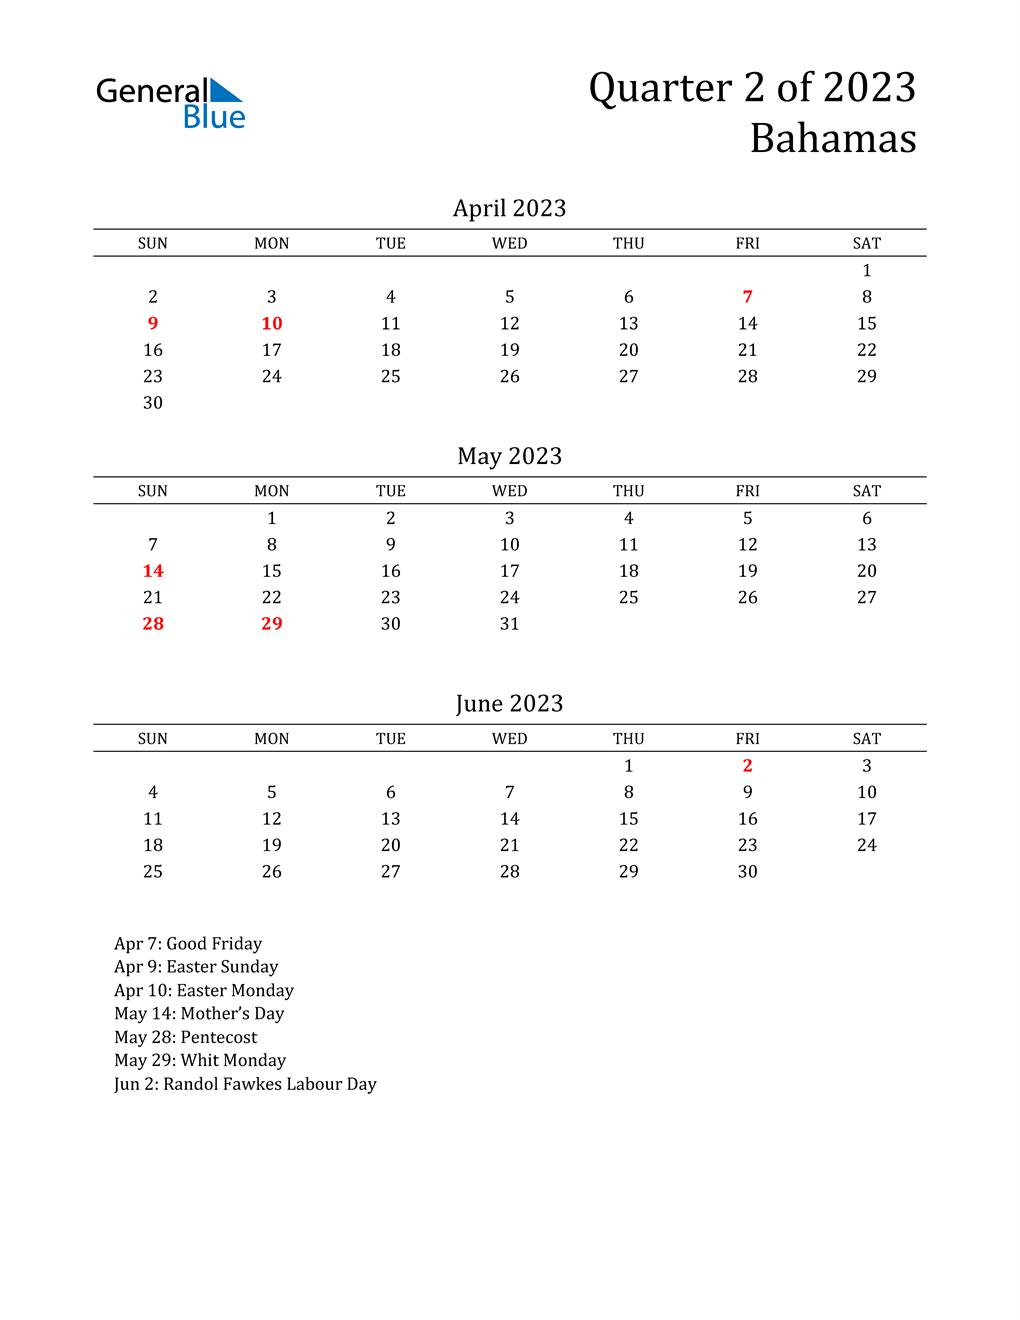 2023 Bahamas Quarterly Calendar